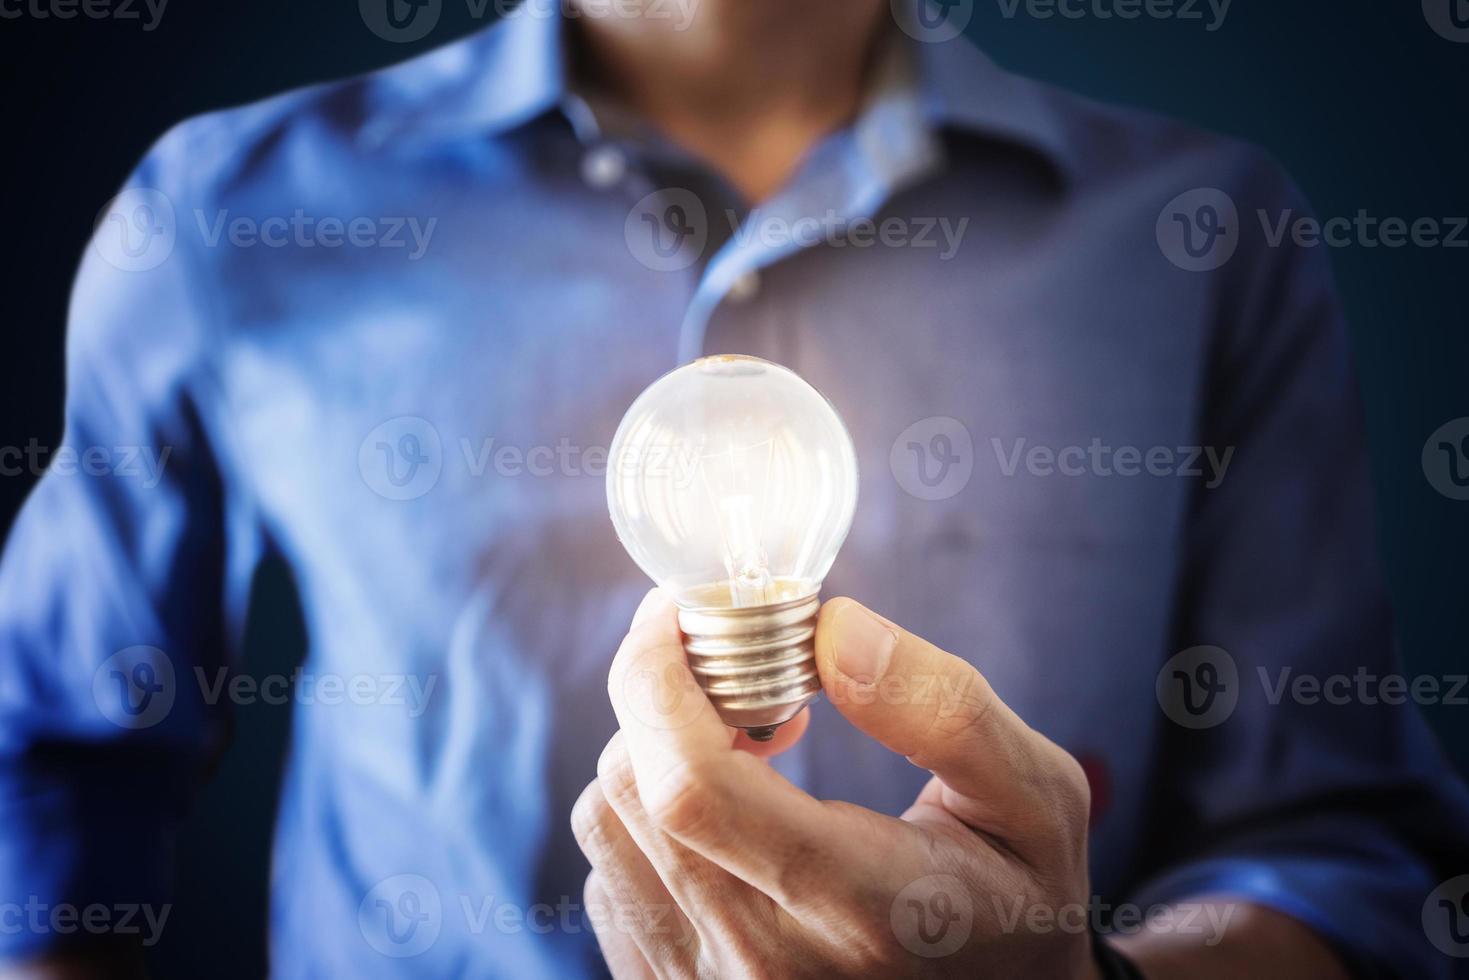 conceito de novas ideias, inovação e inspiração. um homem de camisa azul segurando uma lâmpada acesa foto